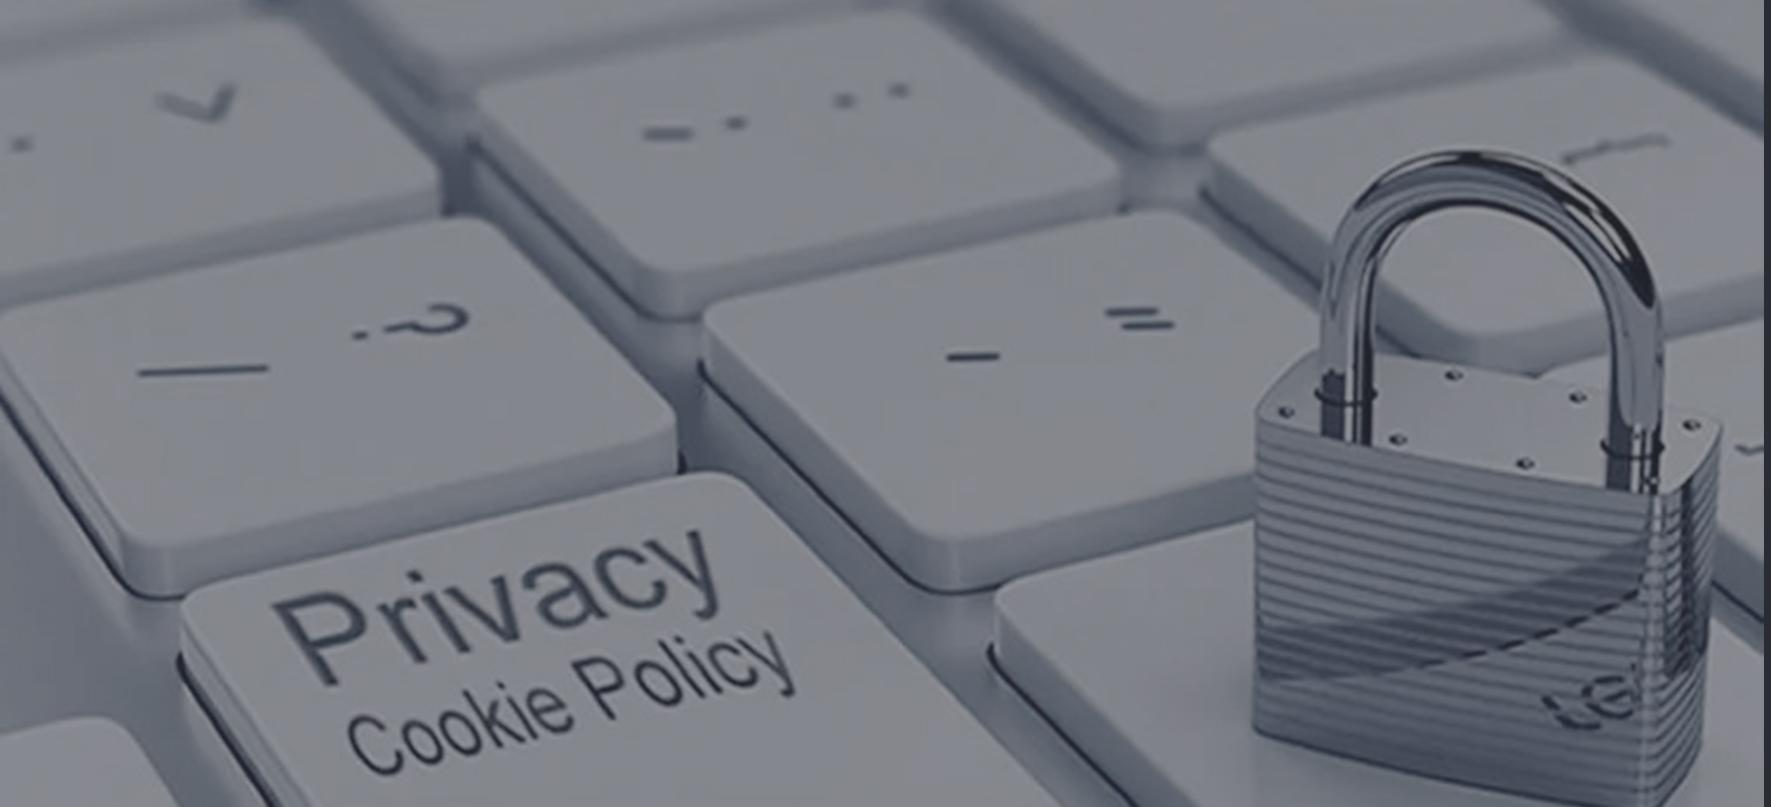 Політика конфіденційності